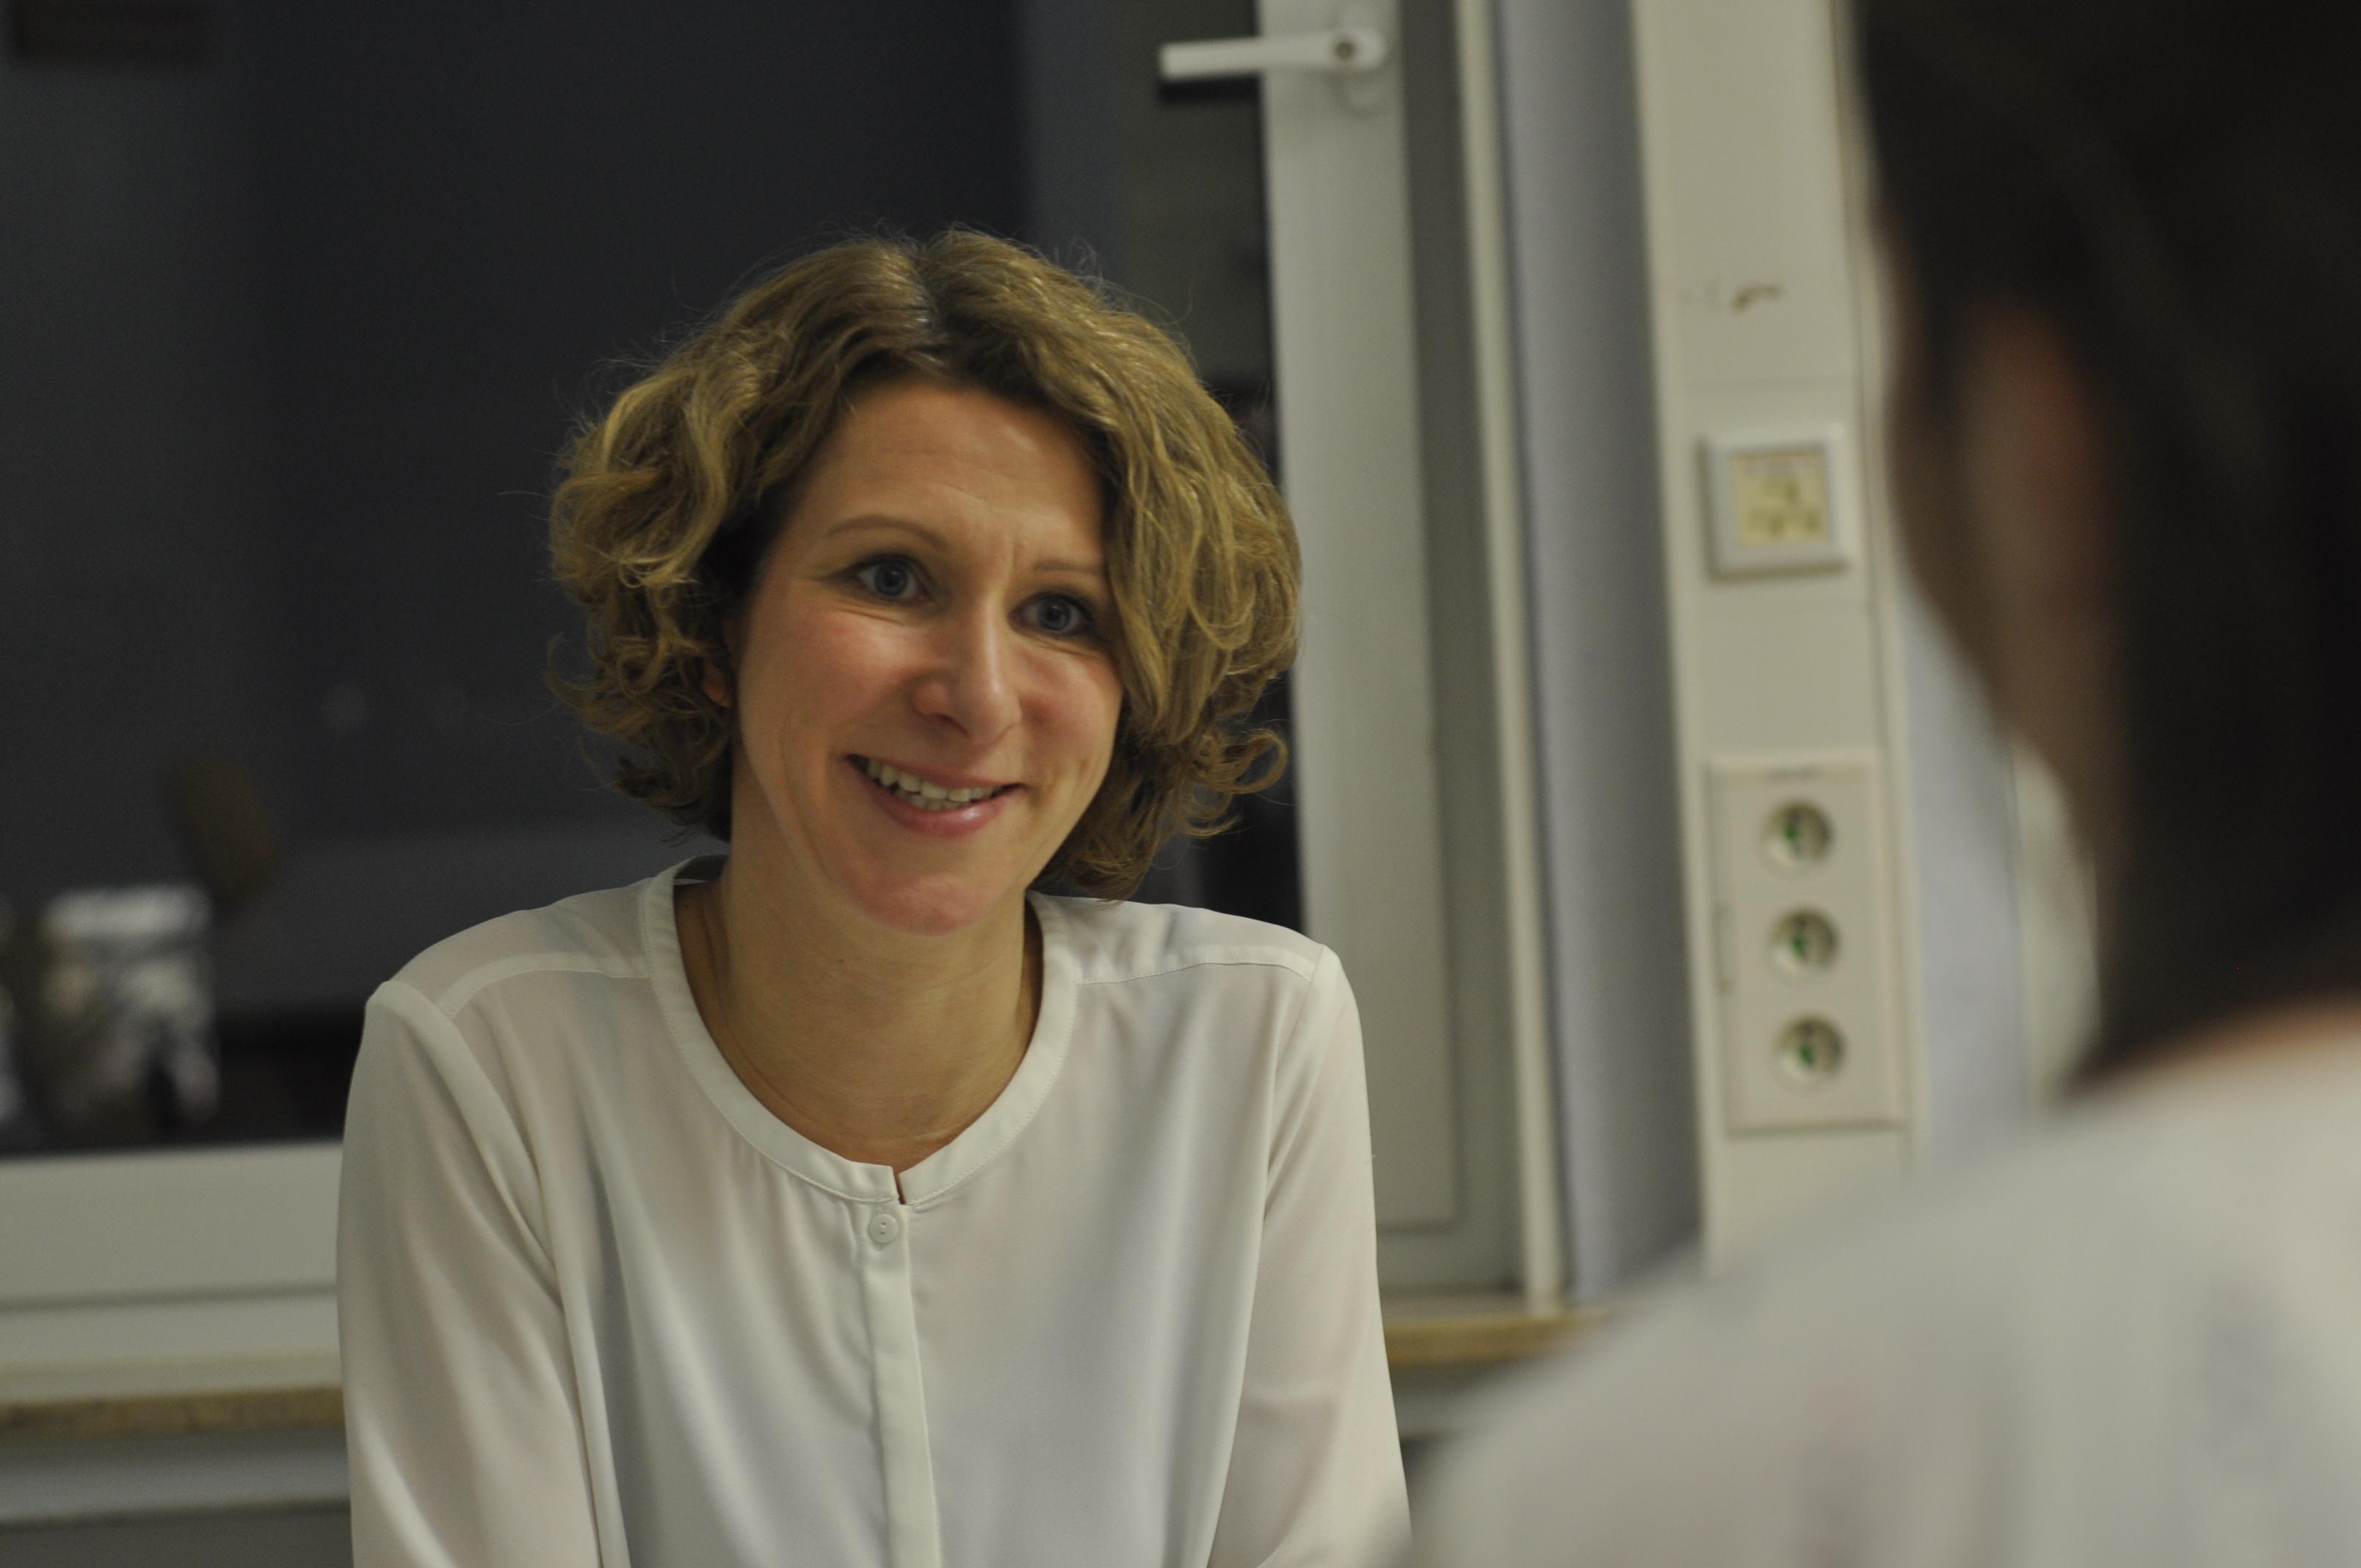 Julia Ditschke im Gespräch mit Laura-Kristin Vormann. (Foto: Carsten Vogel)